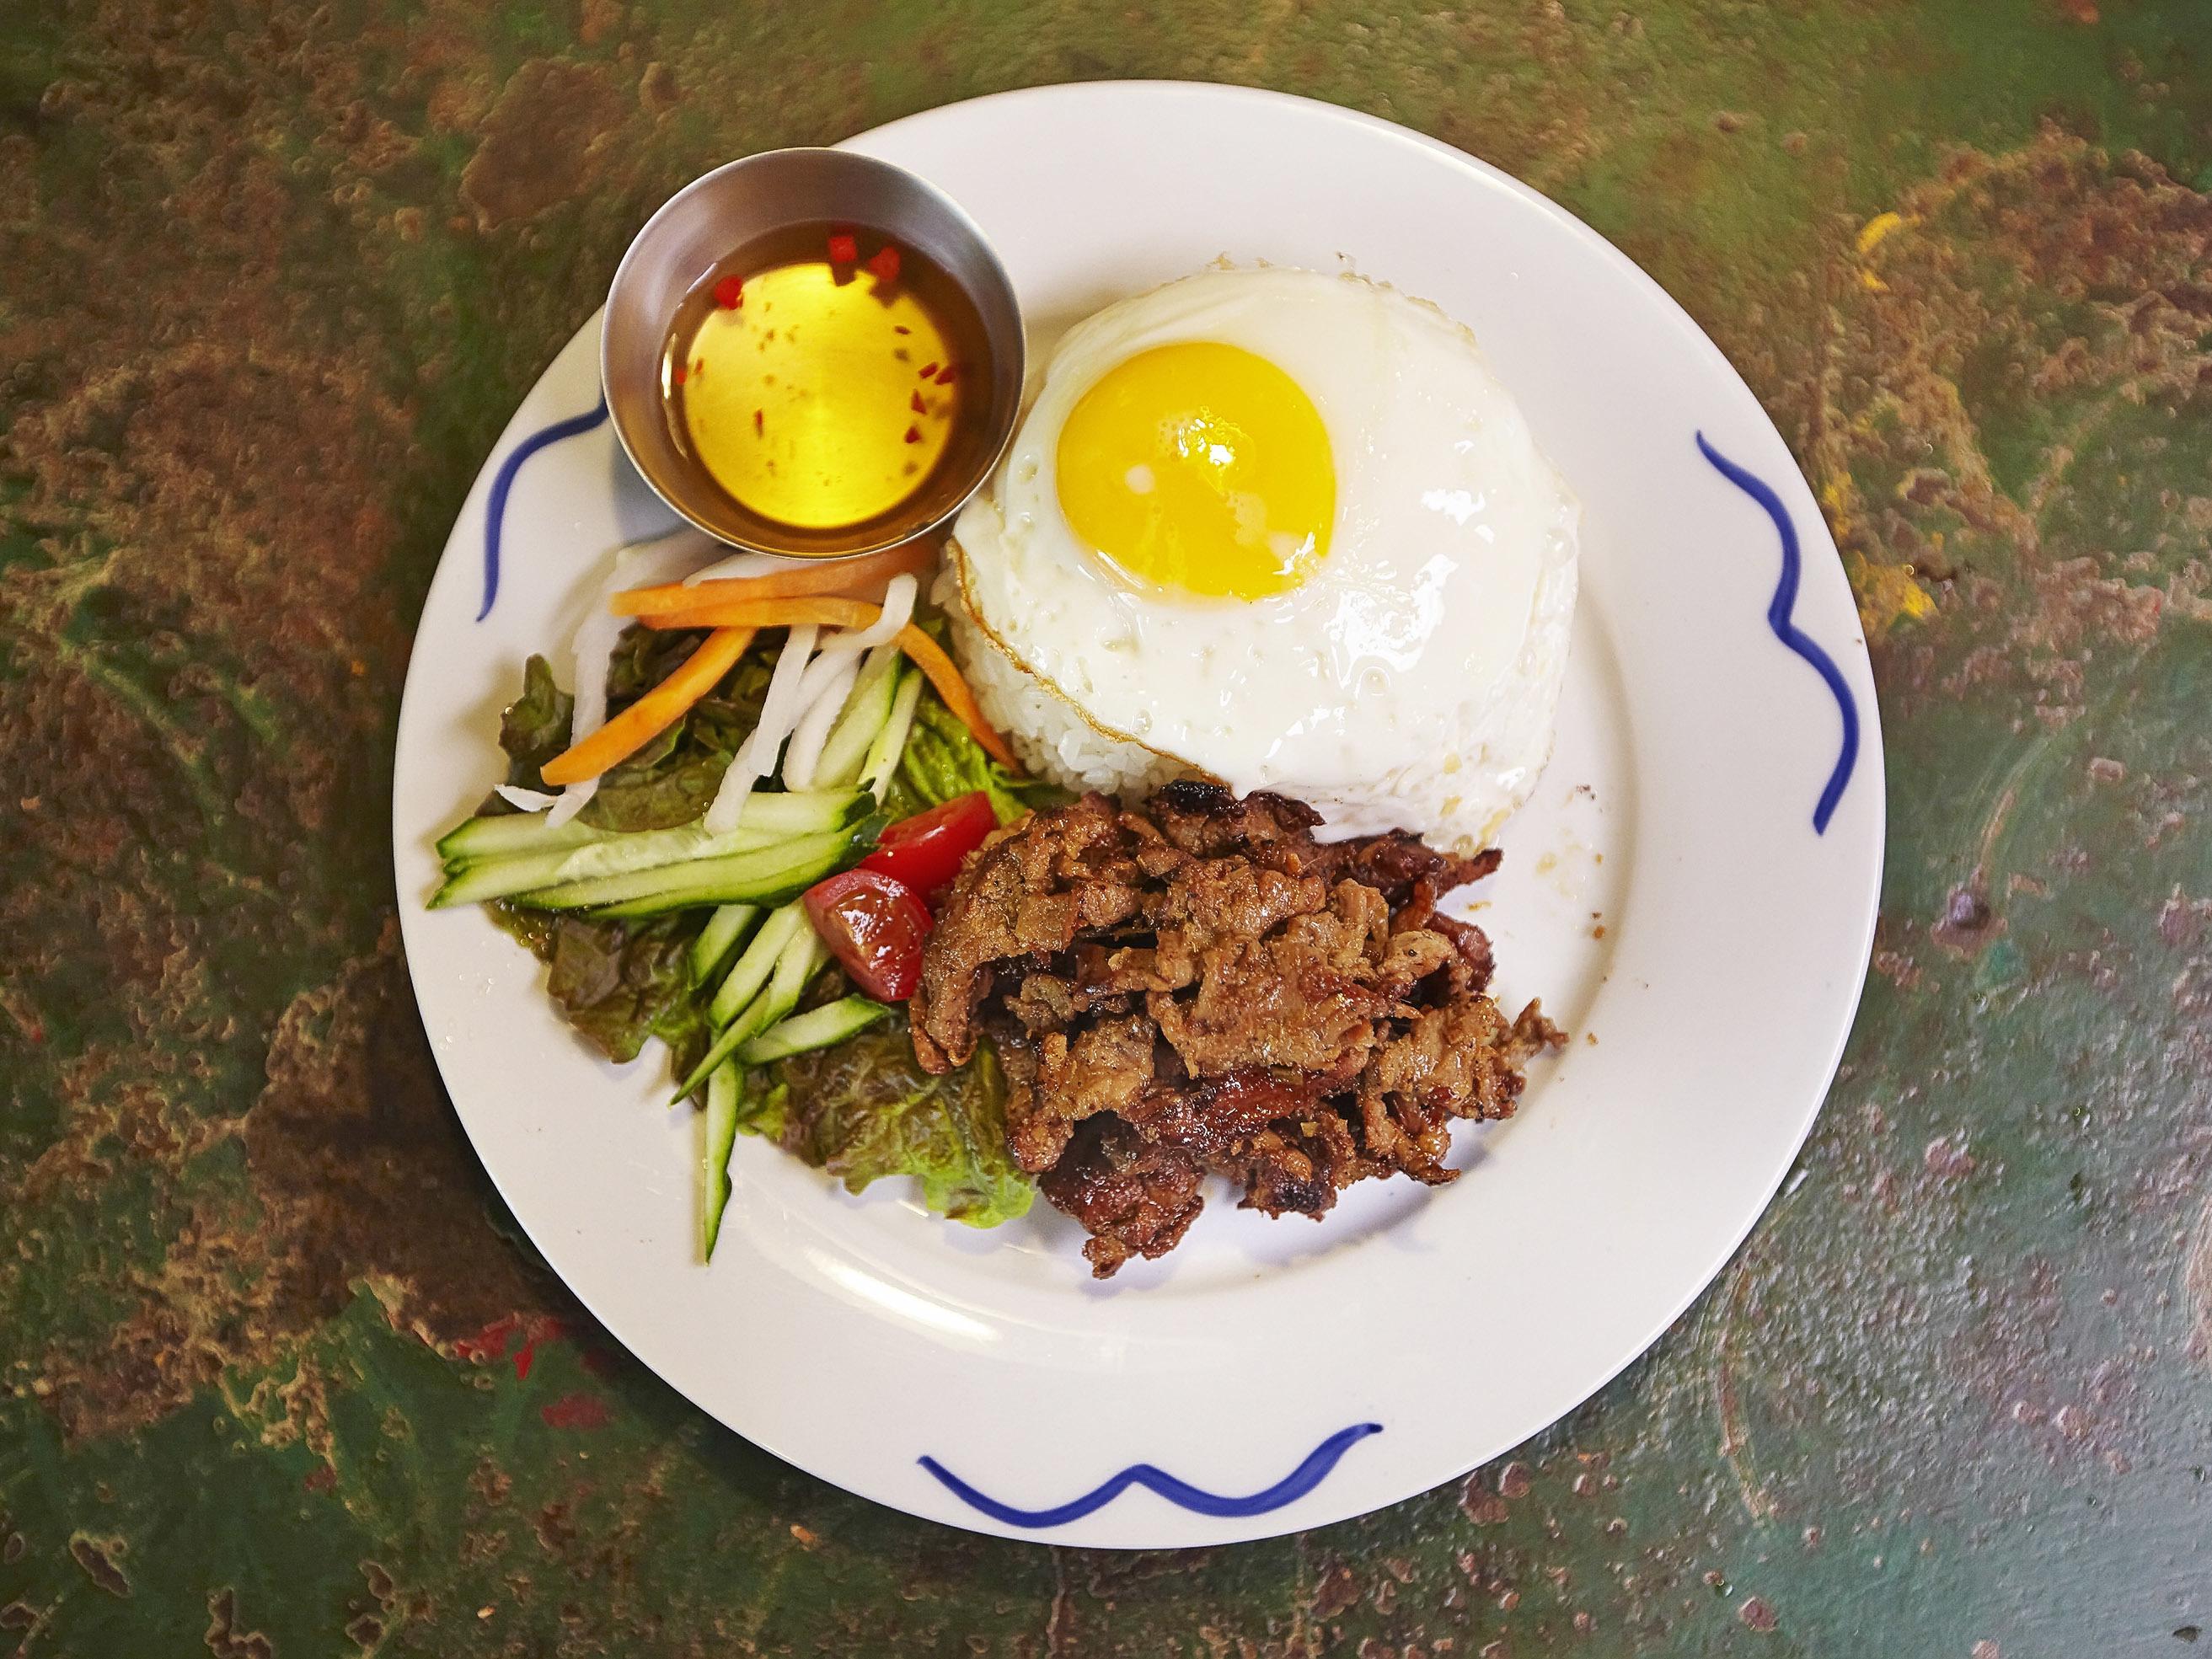 서울에서 최고로 손꼽히는 베트남 음식점